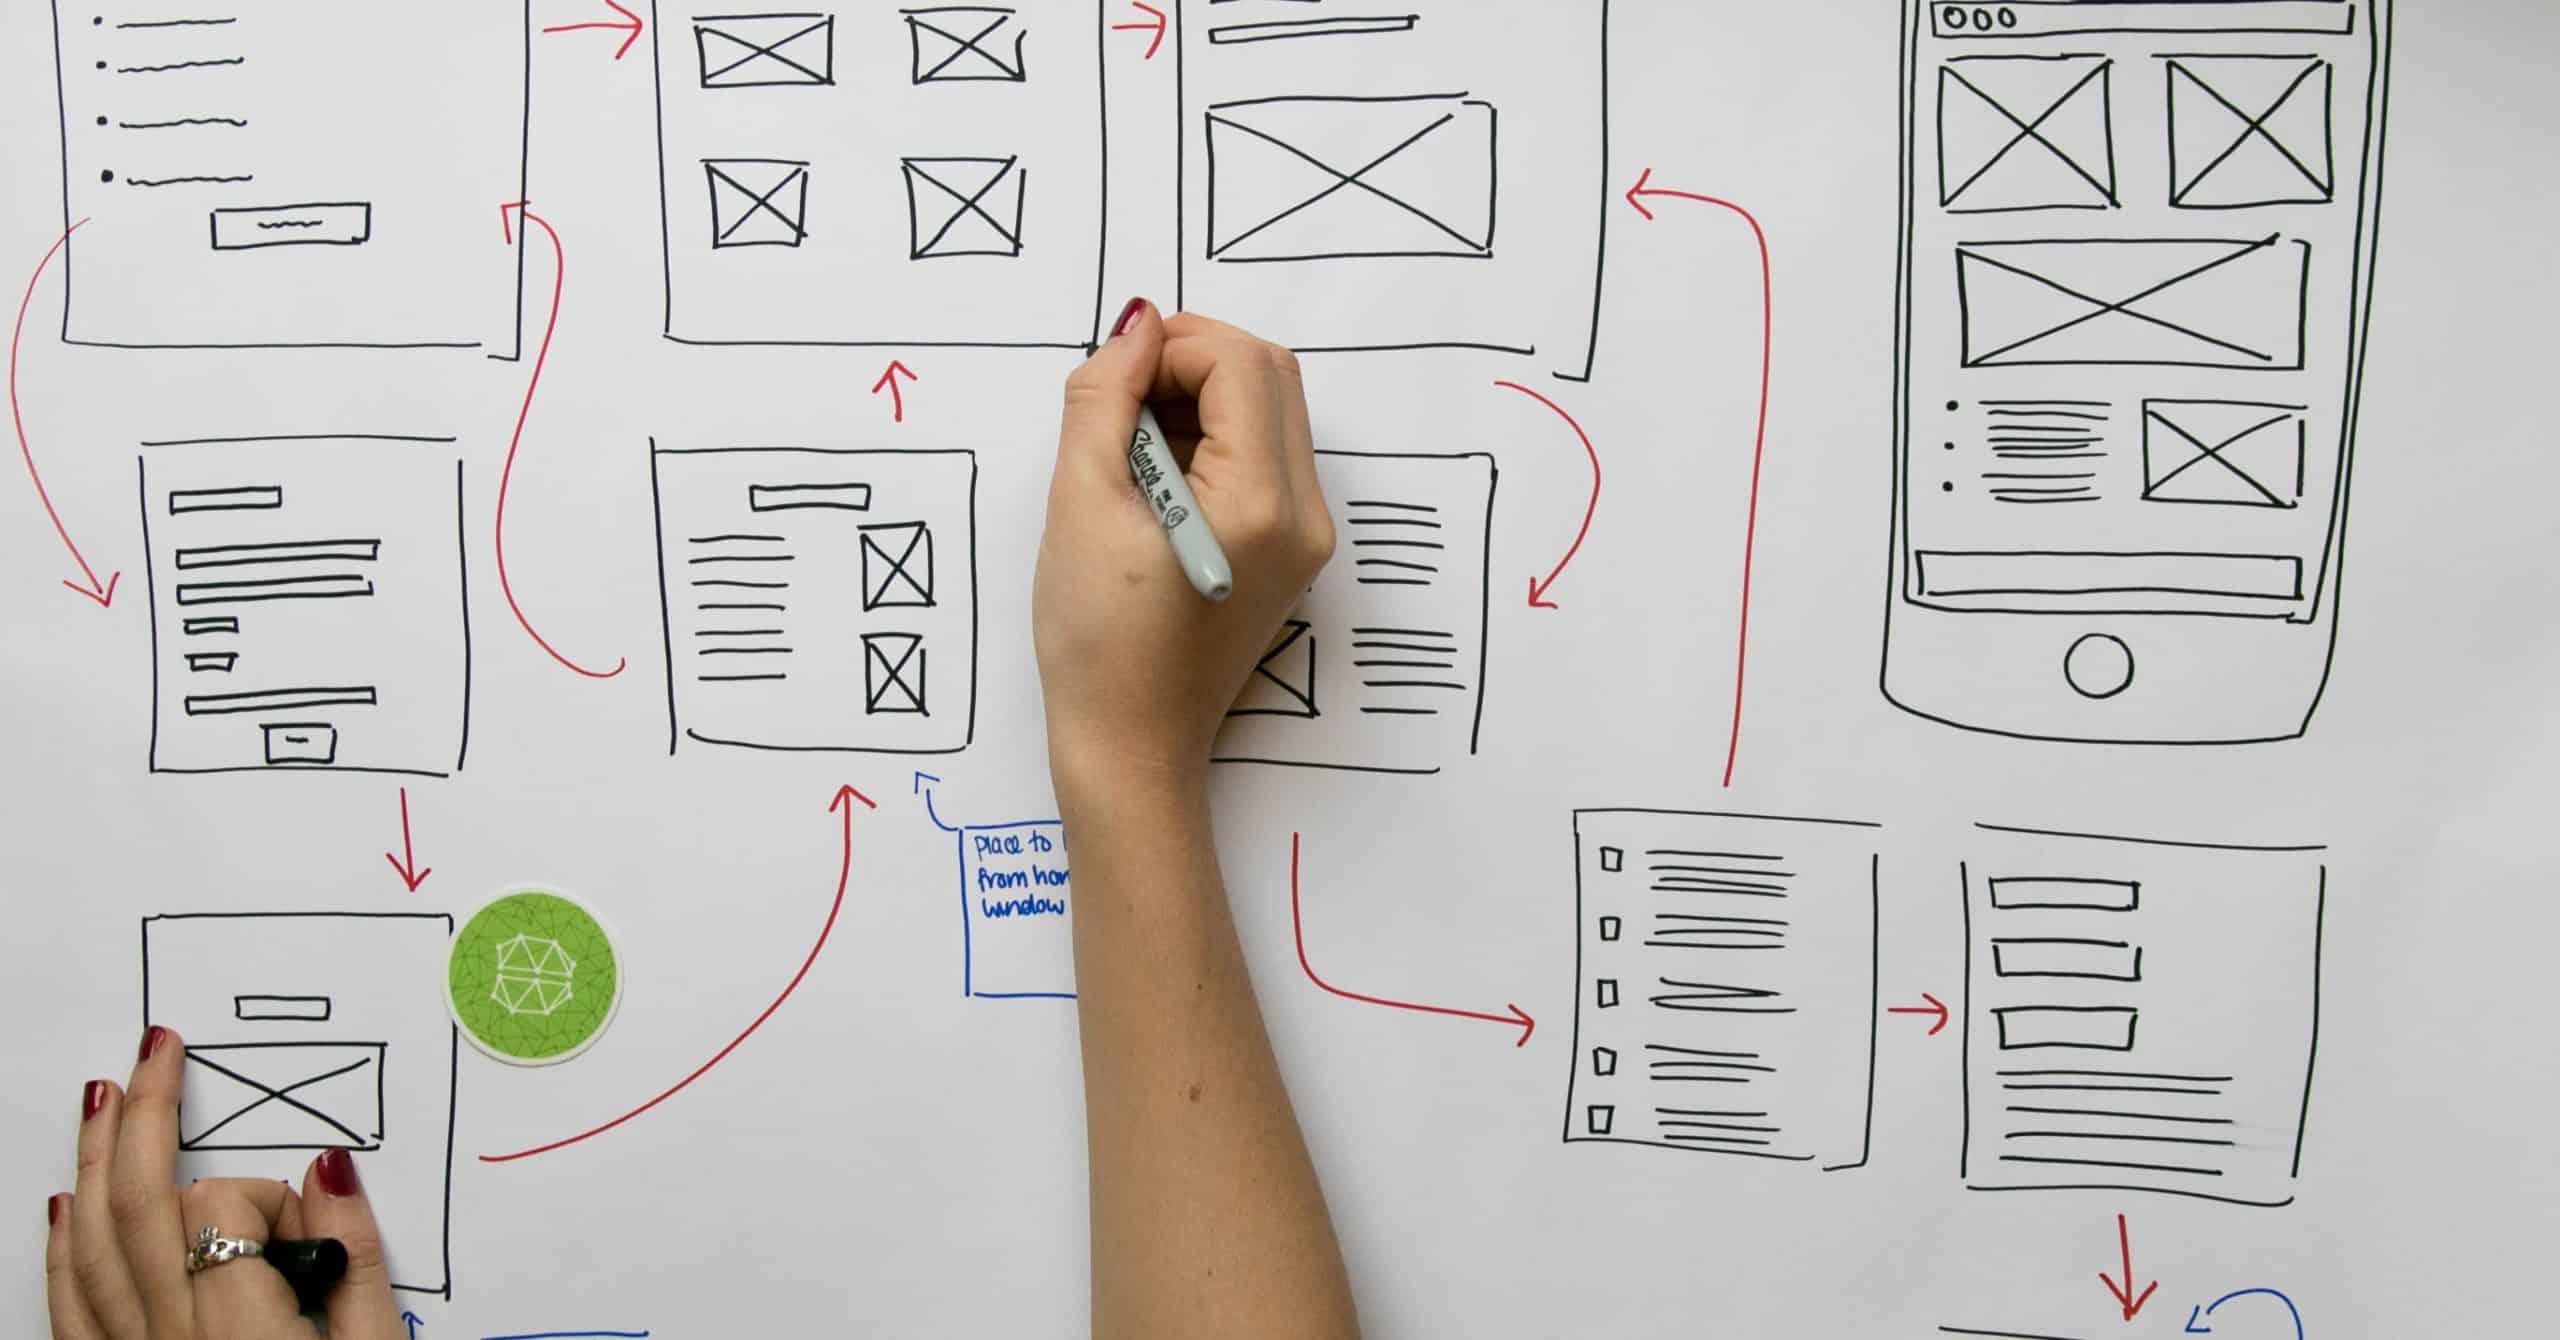 Processo di sviluppo siti web